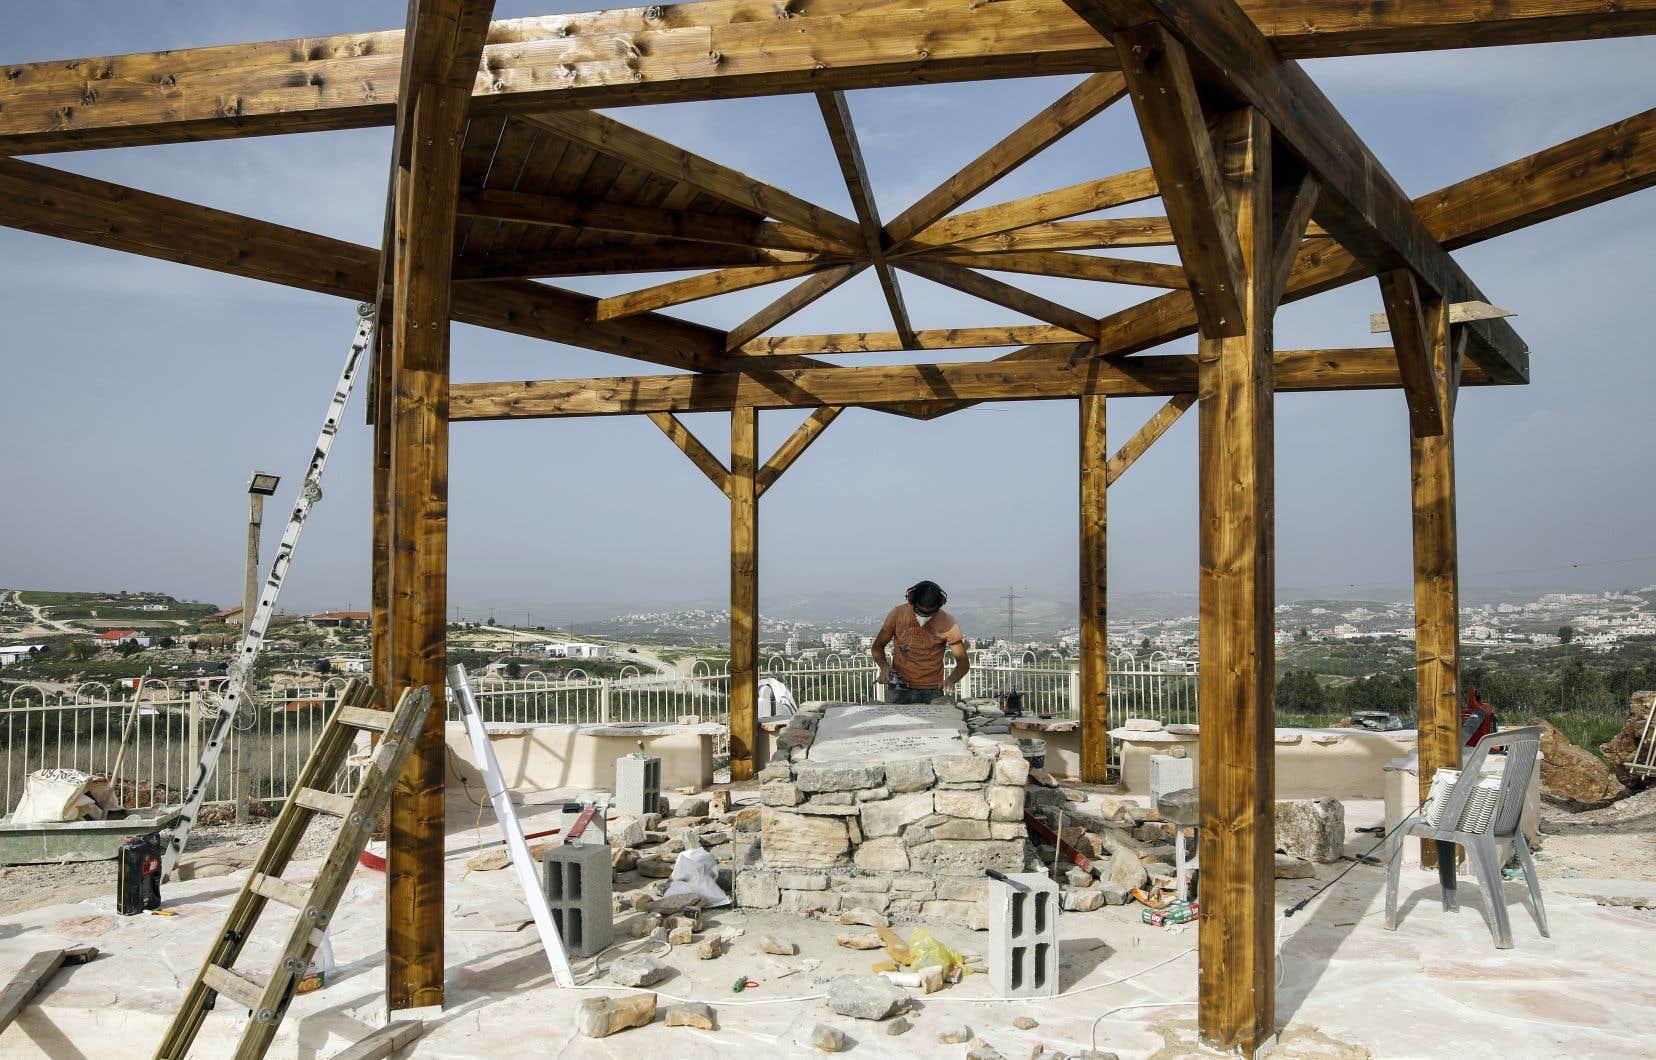 Un colon israélien travaille au mausolée d'un rabbin, dans la colonie illégale de Havat Gilad, en Cisjordanie.